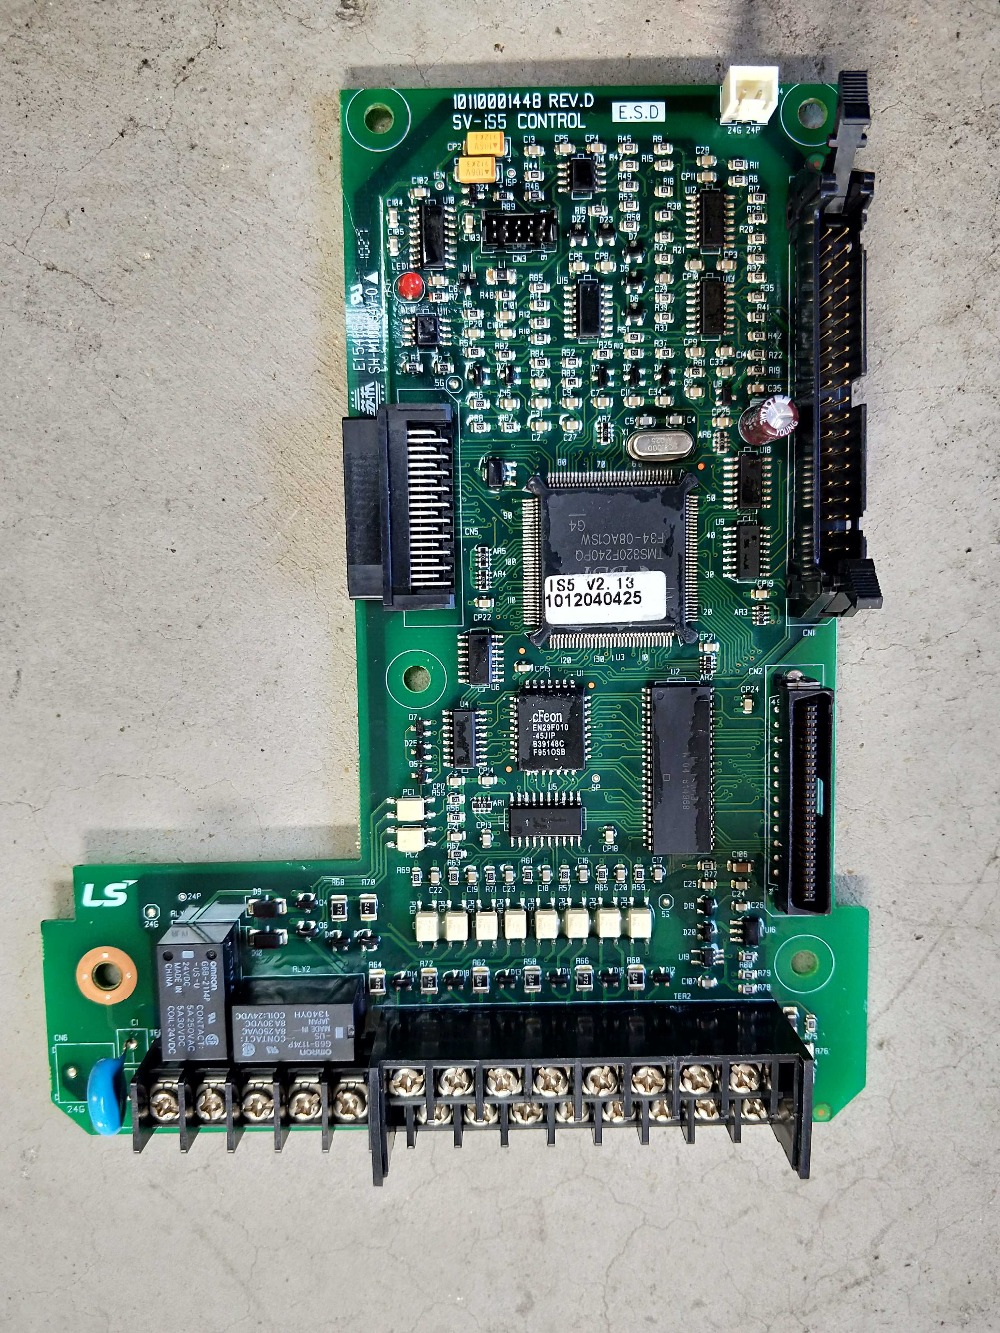 10110001448 REV.D REV.E REV2.1 REV 2.0SV-IS5 Good Working Tested